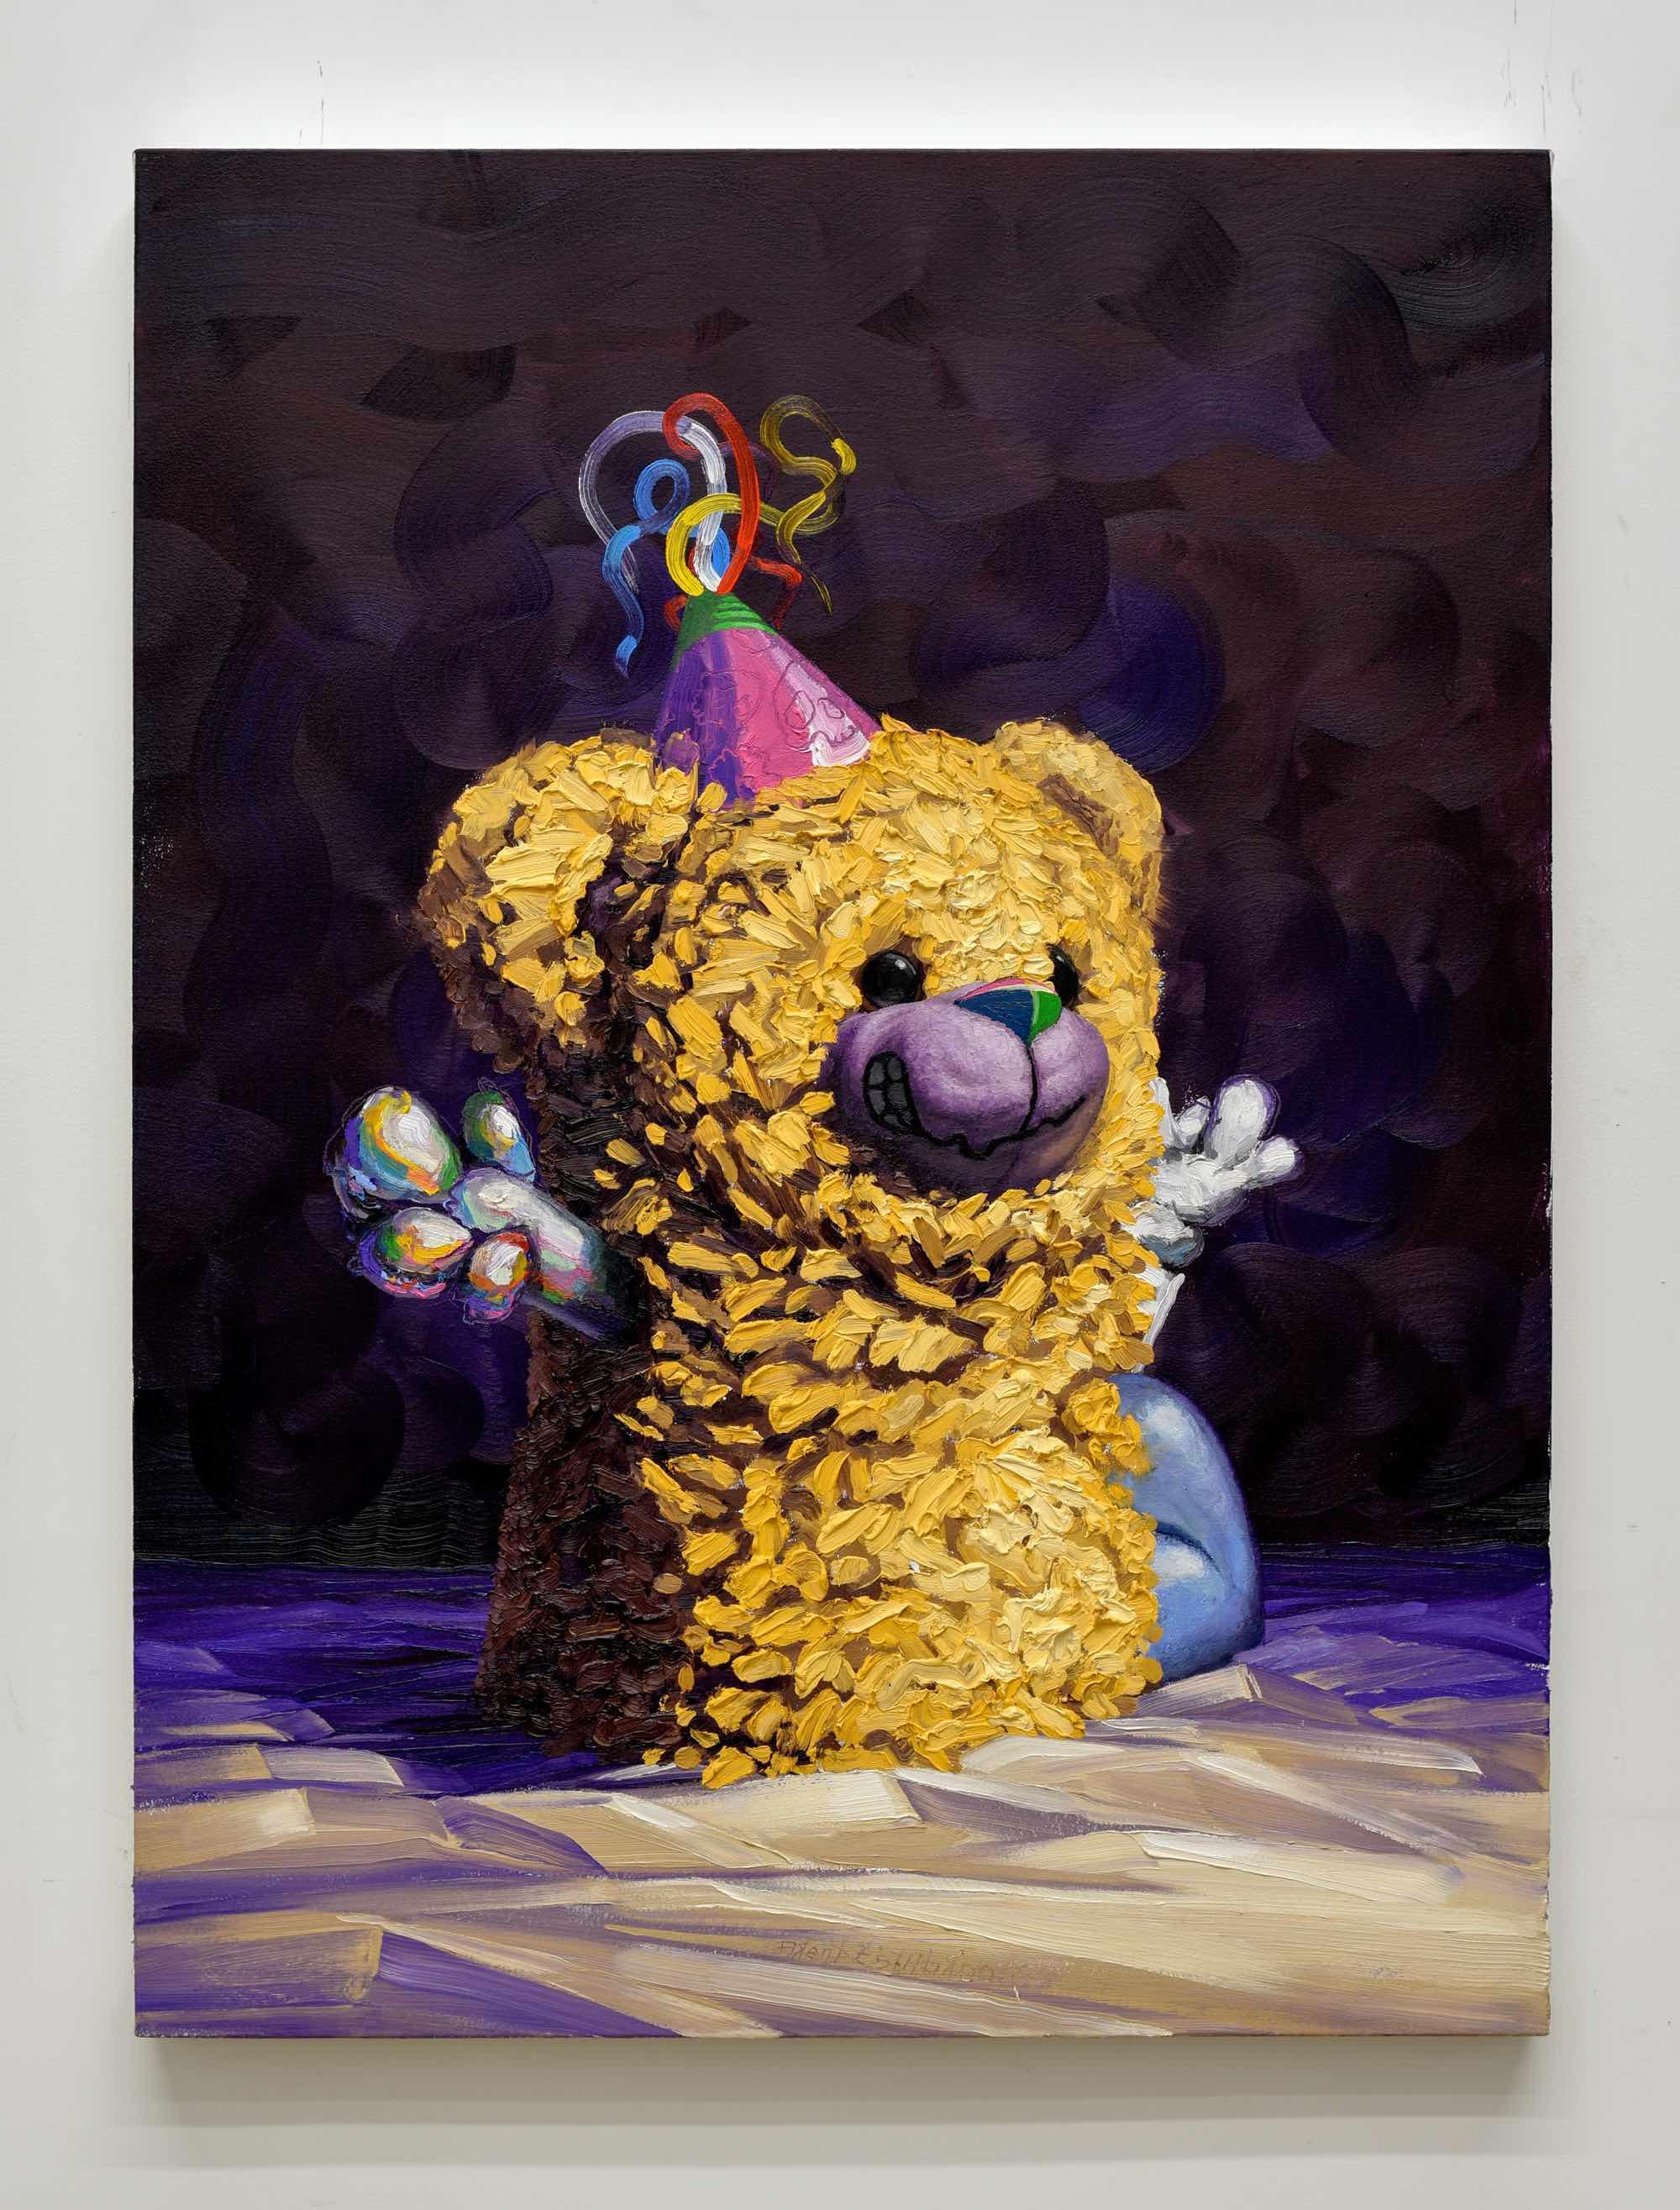 """""""gimmie a hug"""" oil on canvas, 40""""x30"""" (102cm x 76cm), 2018"""